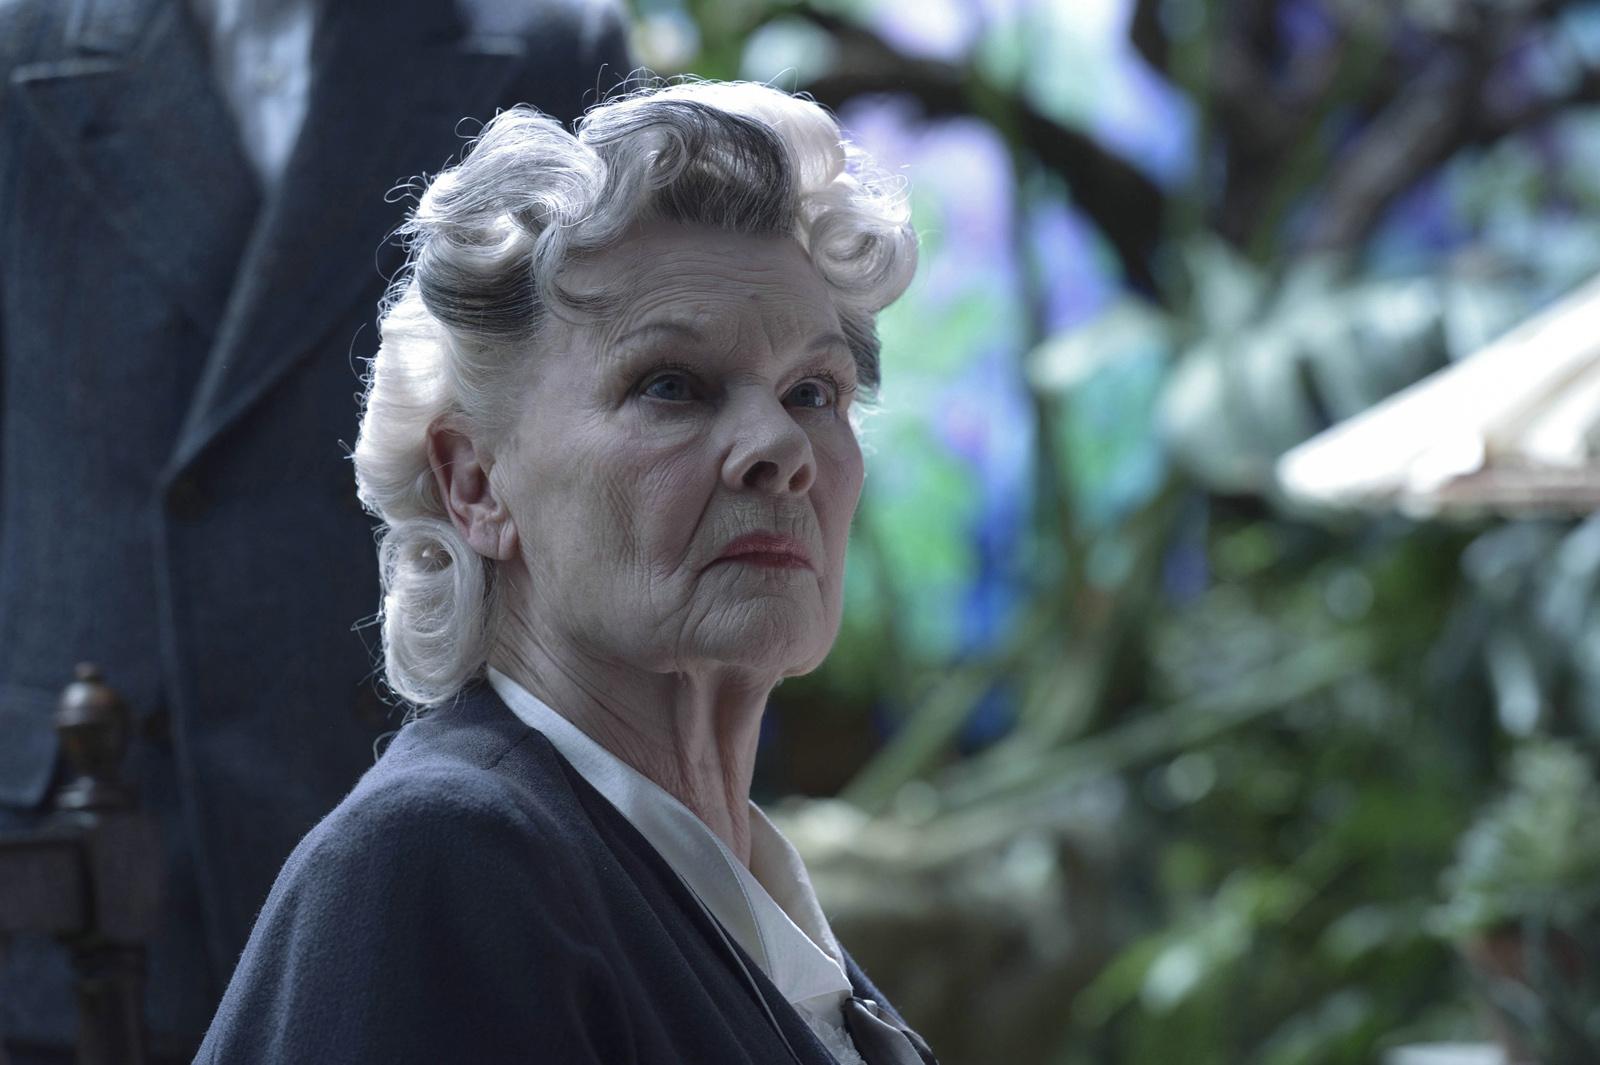 Miss Avocet (Judi Dench)